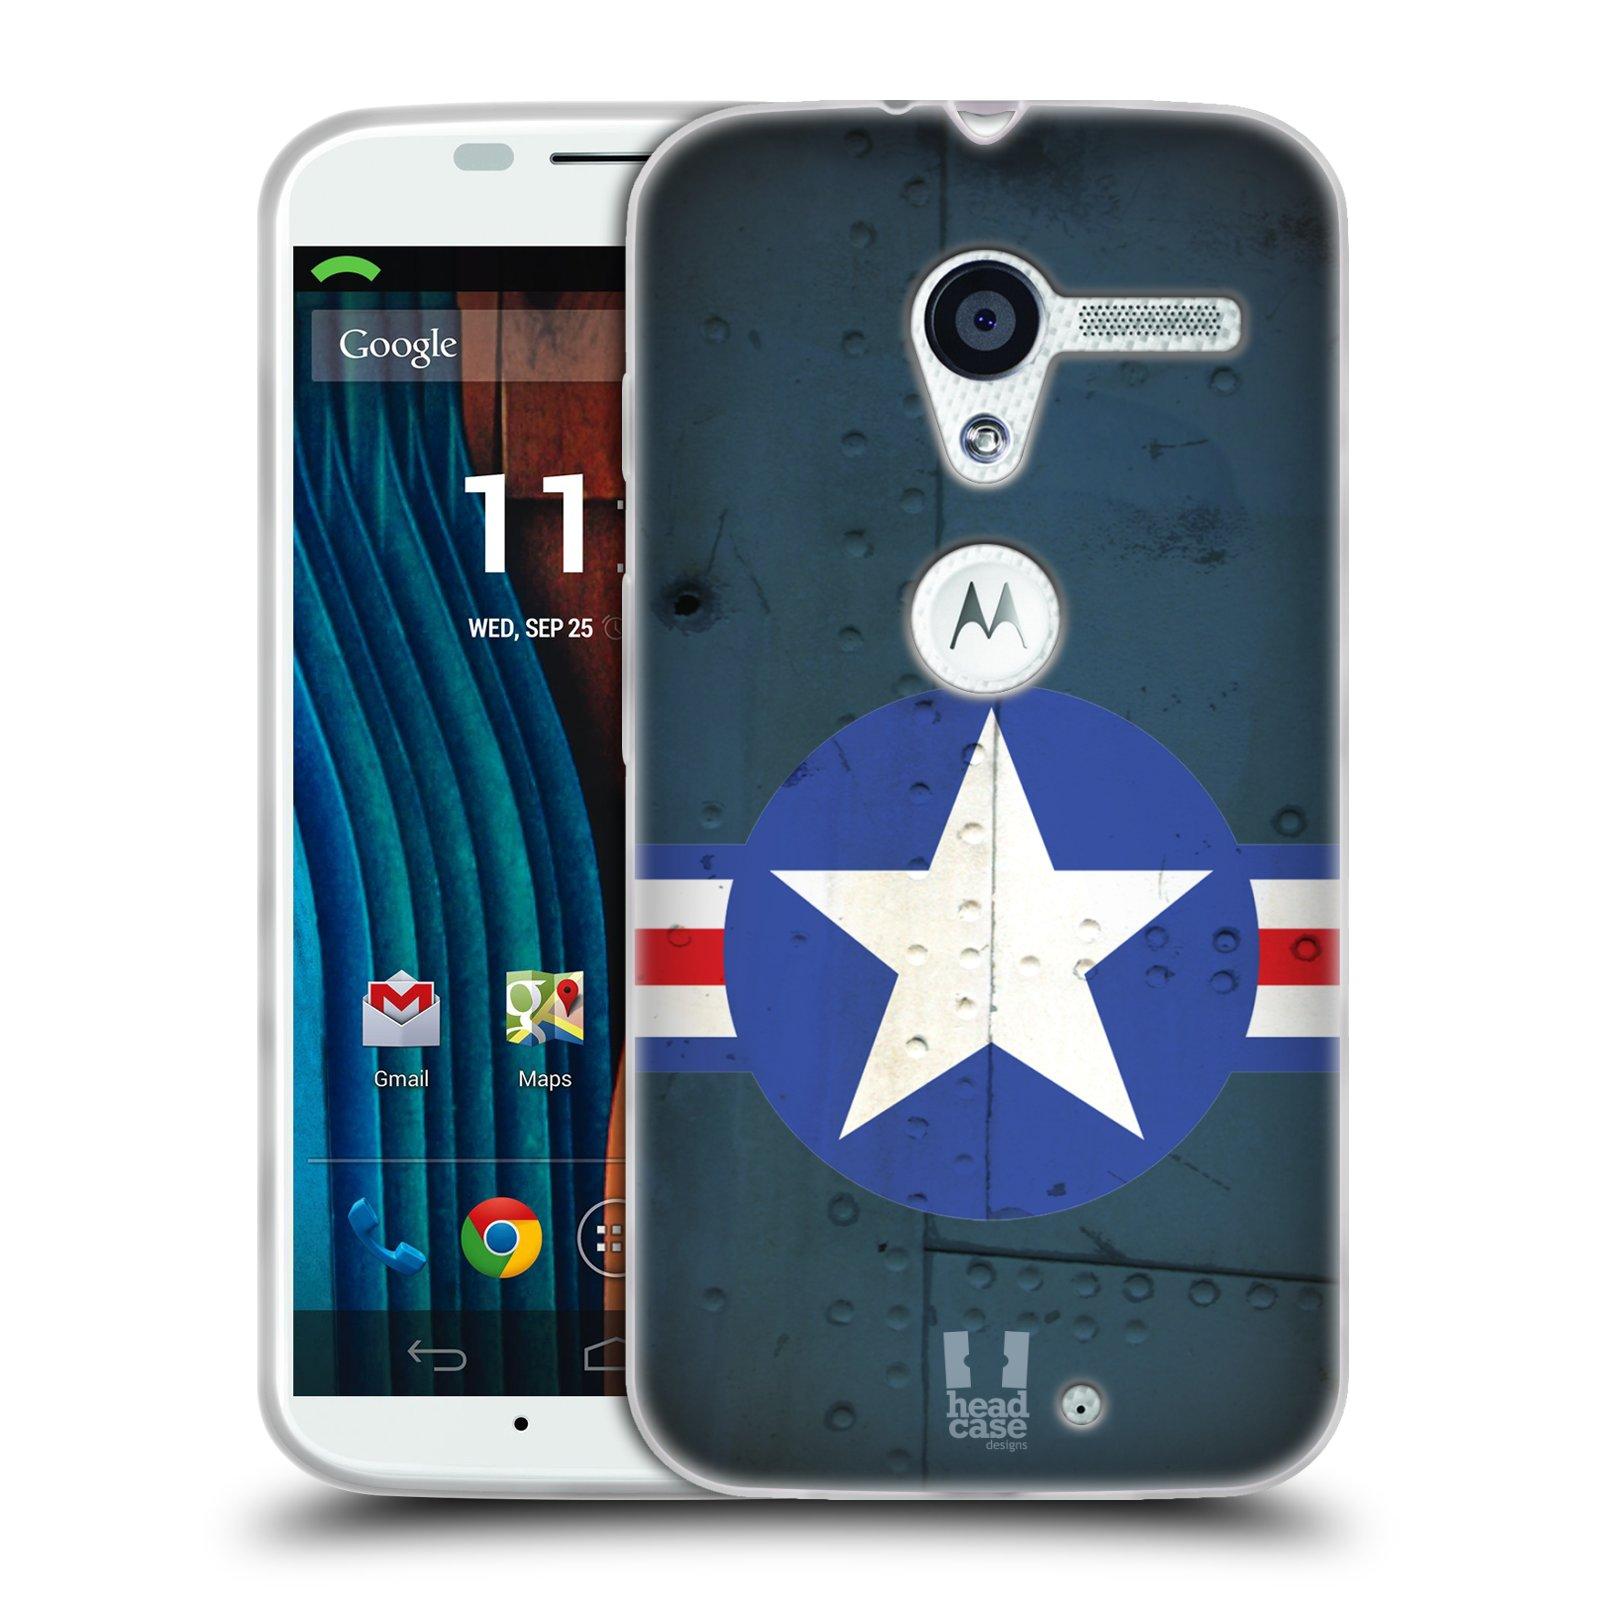 Silikonové pouzdro na mobil Motorola Moto X HEAD CASE POSTWAR (Silikonový kryt či obal na mobilní telefon Motorola Moto X)